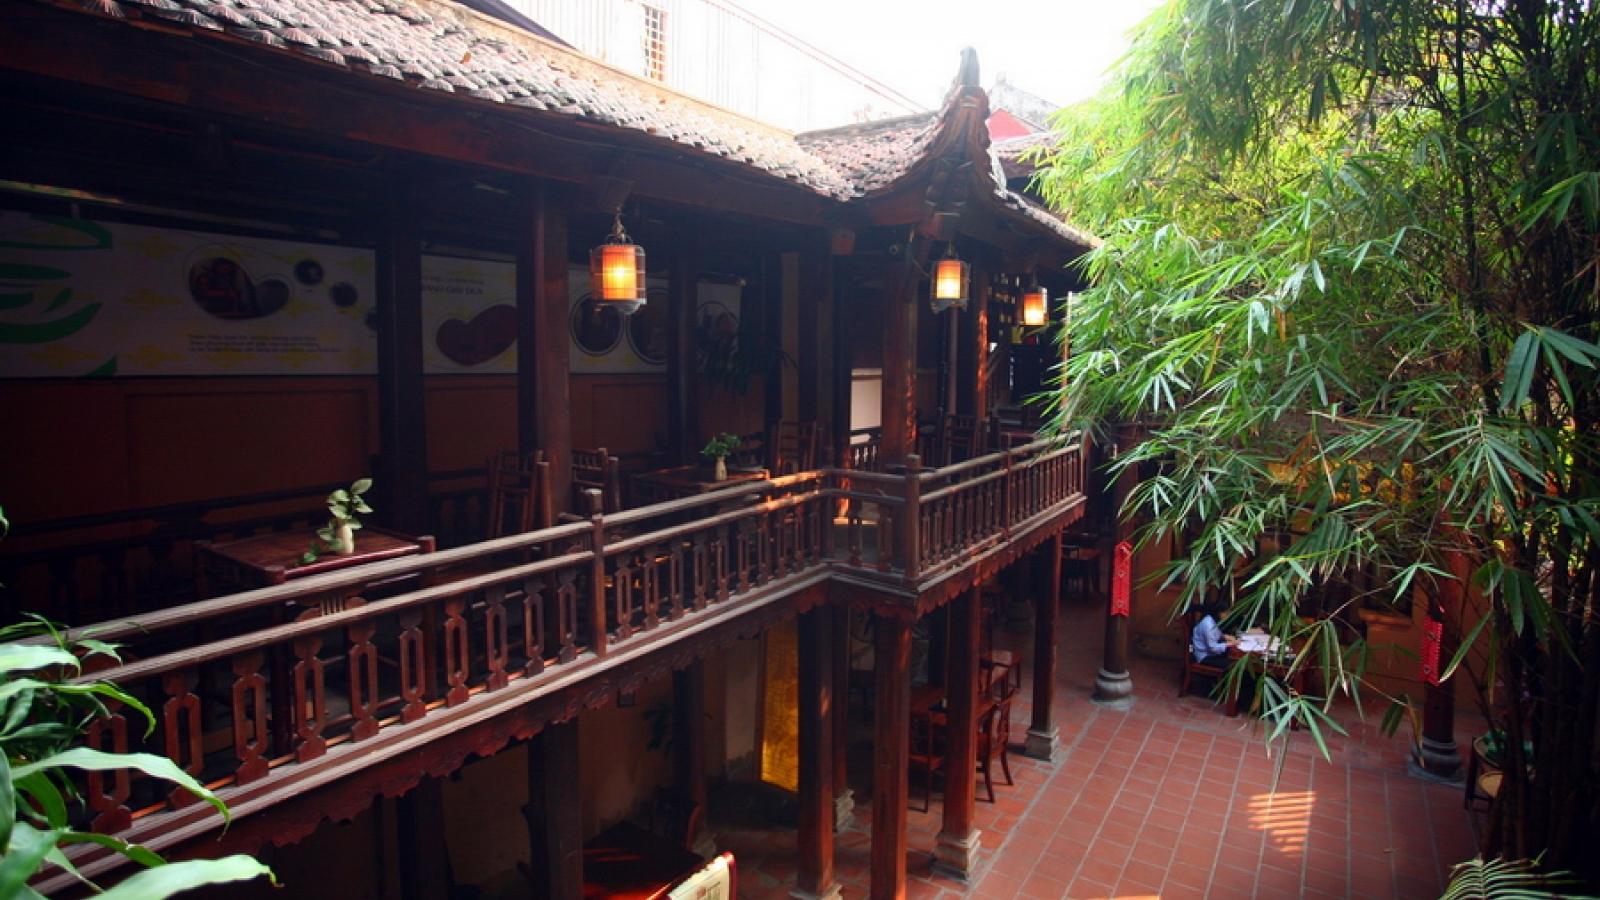 Quán Trà Việt trong ngôi nhà cổ giữa lòng Thủ đô